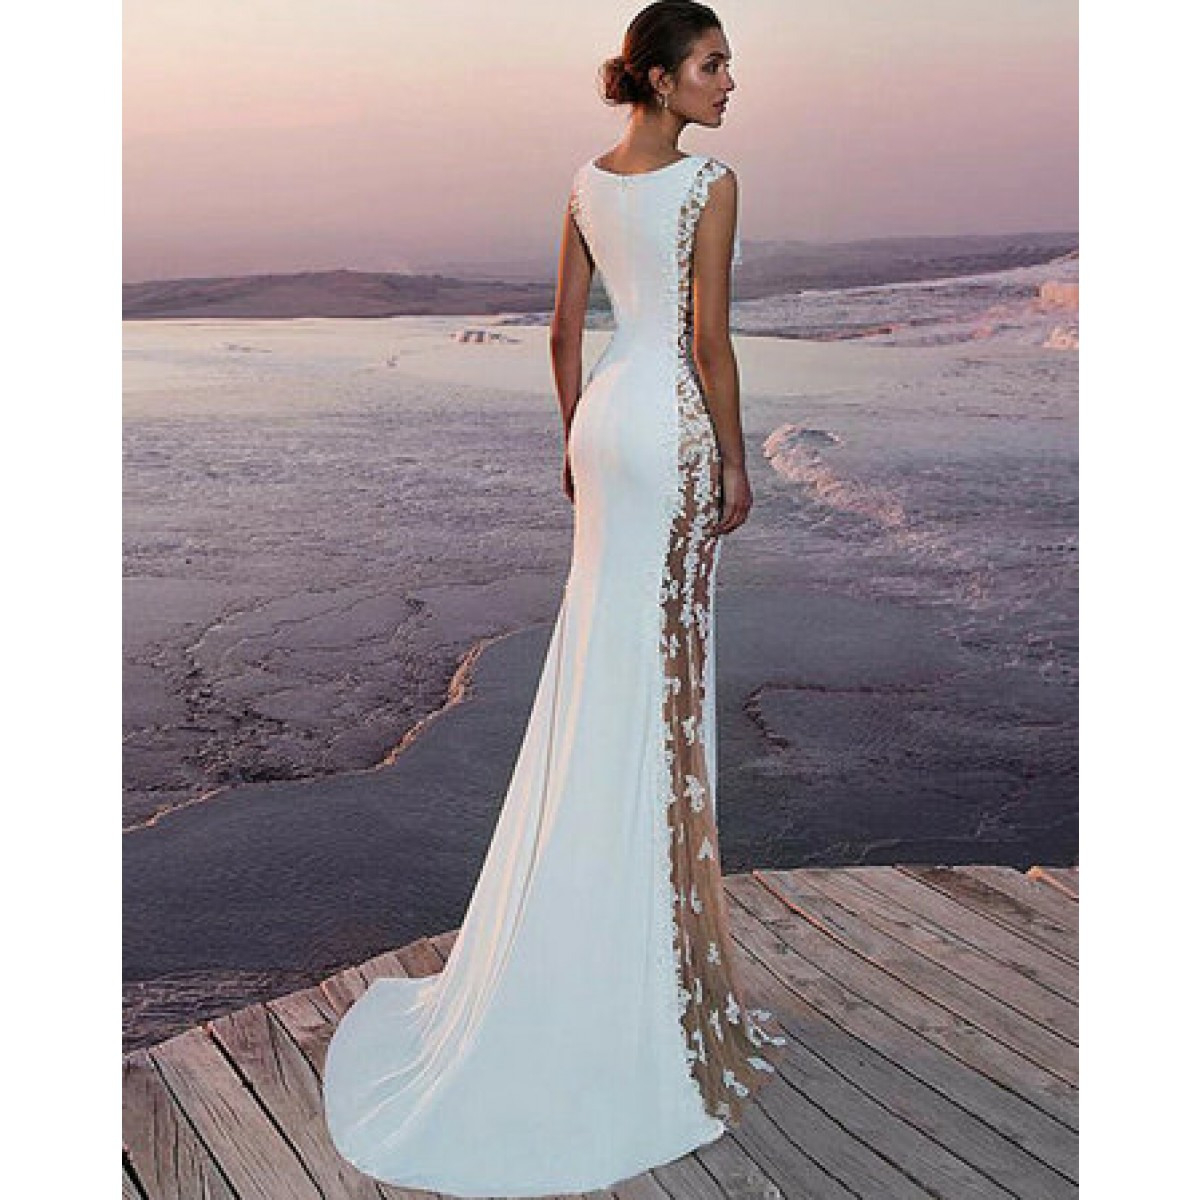 Slim Fit Floral Standesamt Kleid Hochzeitskleid In Weiß